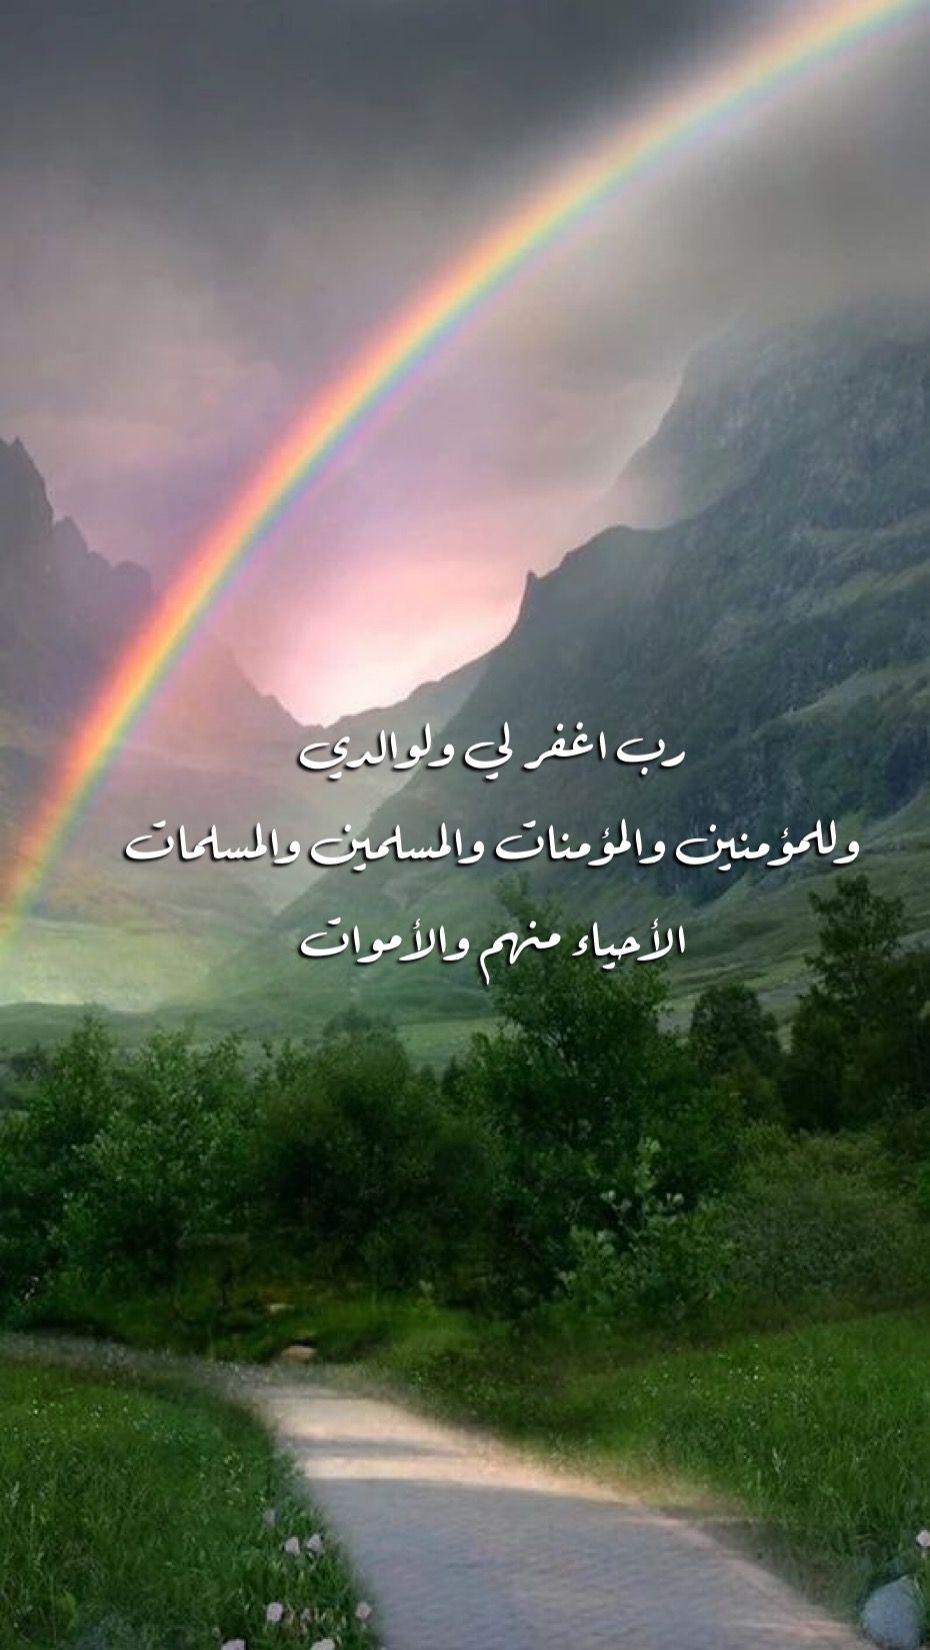 دعاء يارب اللهم محمد مطر غيم الله اللهم اغفر لي ولوالدي